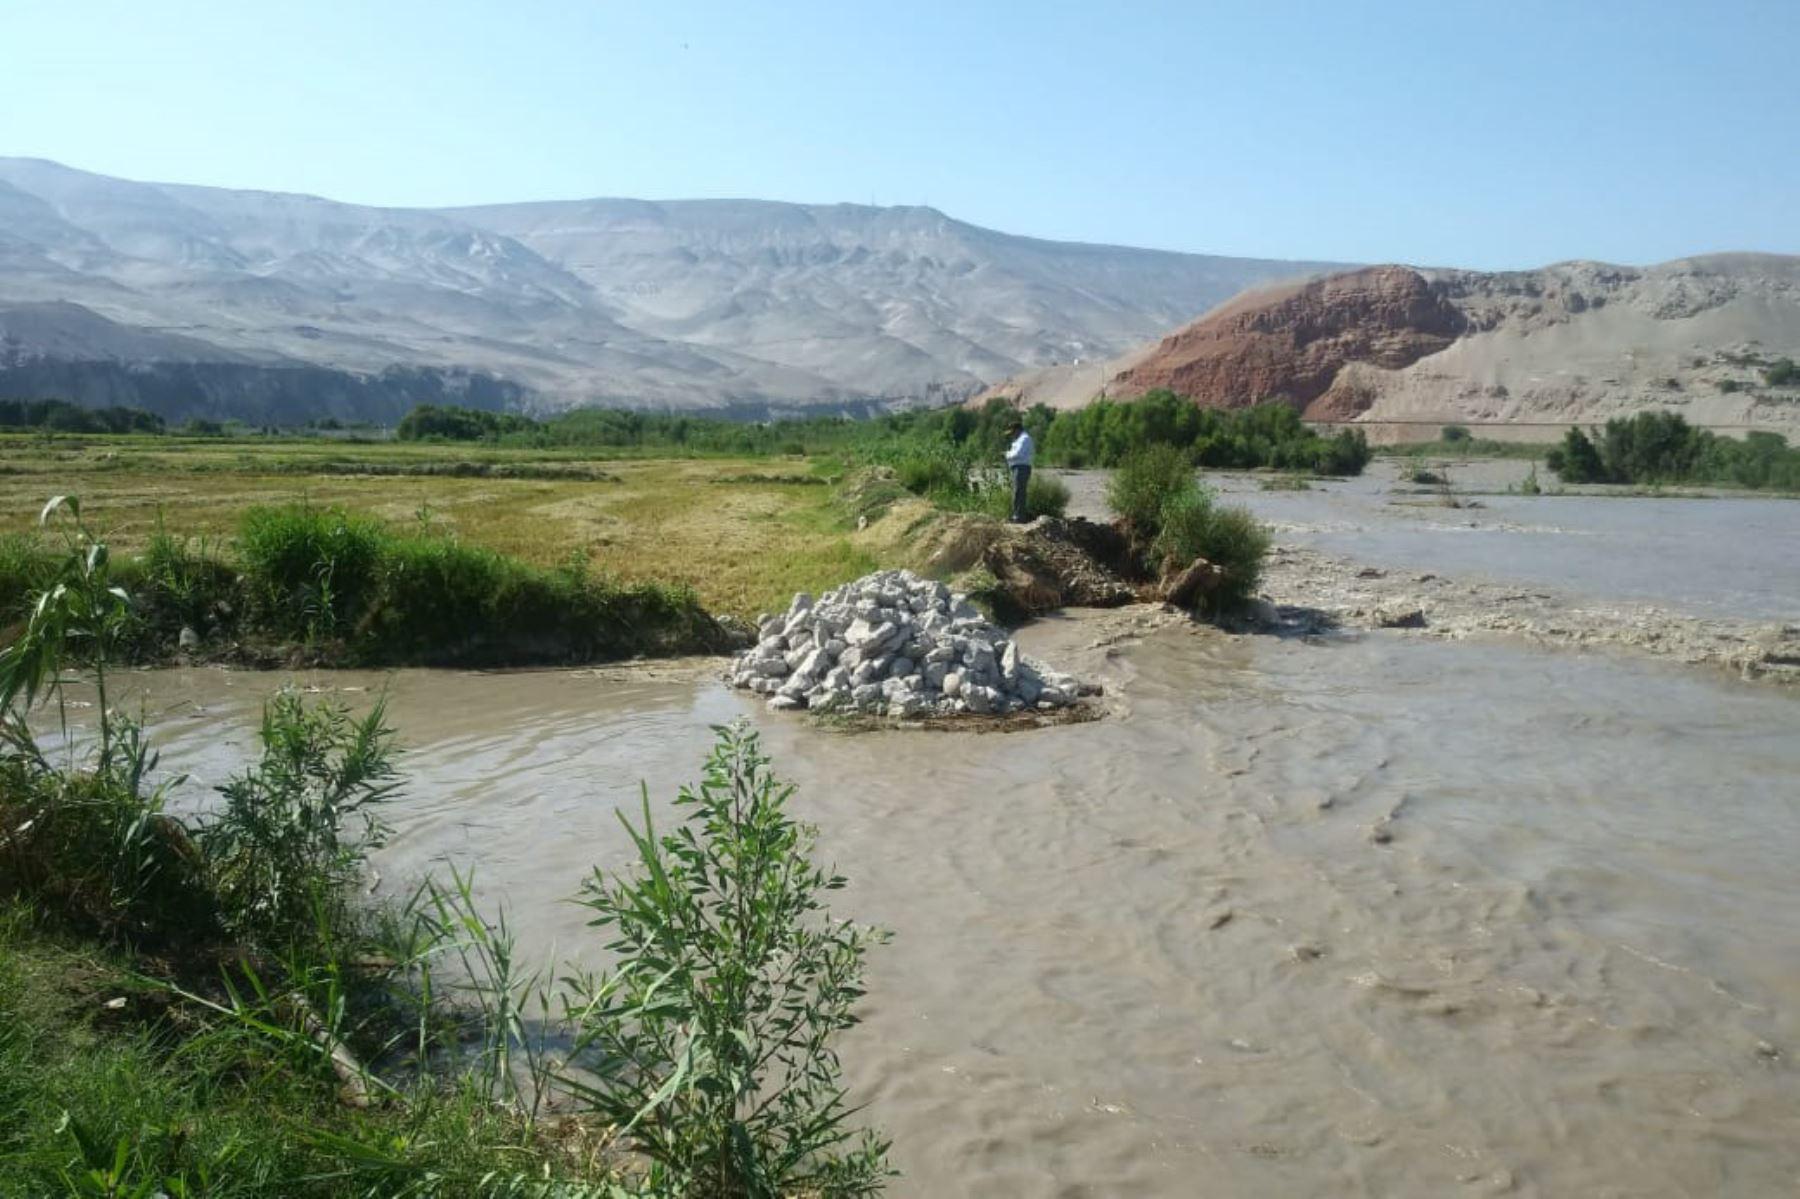 El caudal del río Majes aumentó hasta 510 metros cúbicos por segundo, volumen que afectó varios tramos de defensas ribereñas.